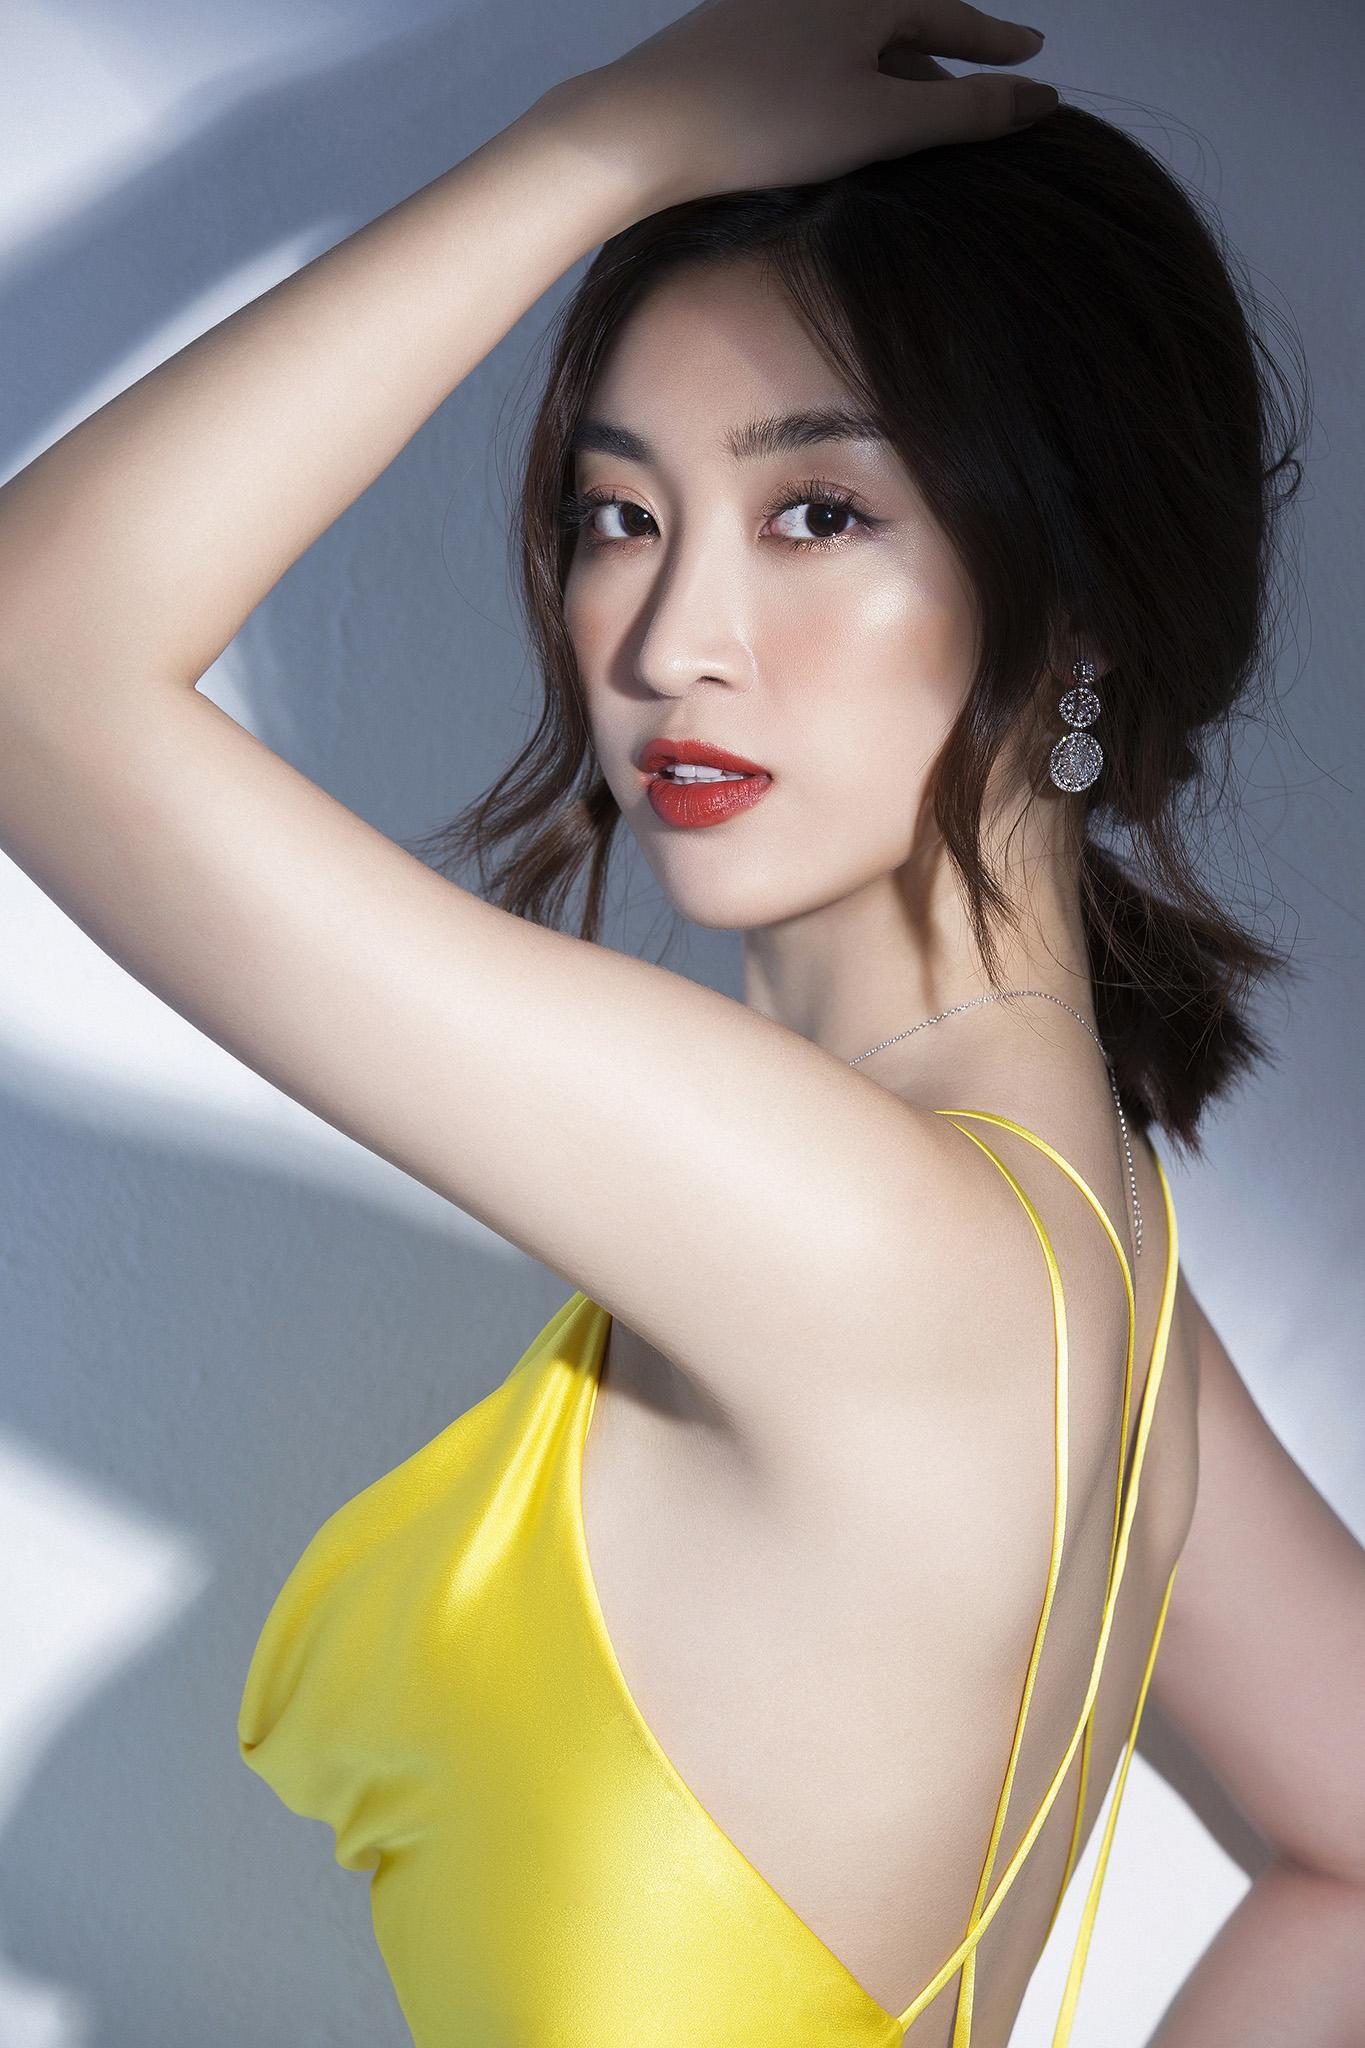 زیبایی ملکه Do My Linh را تسخیر می کند ، اگرچه او مادری است که شیر می زند ، هویت جدید او تعجب می کند 6